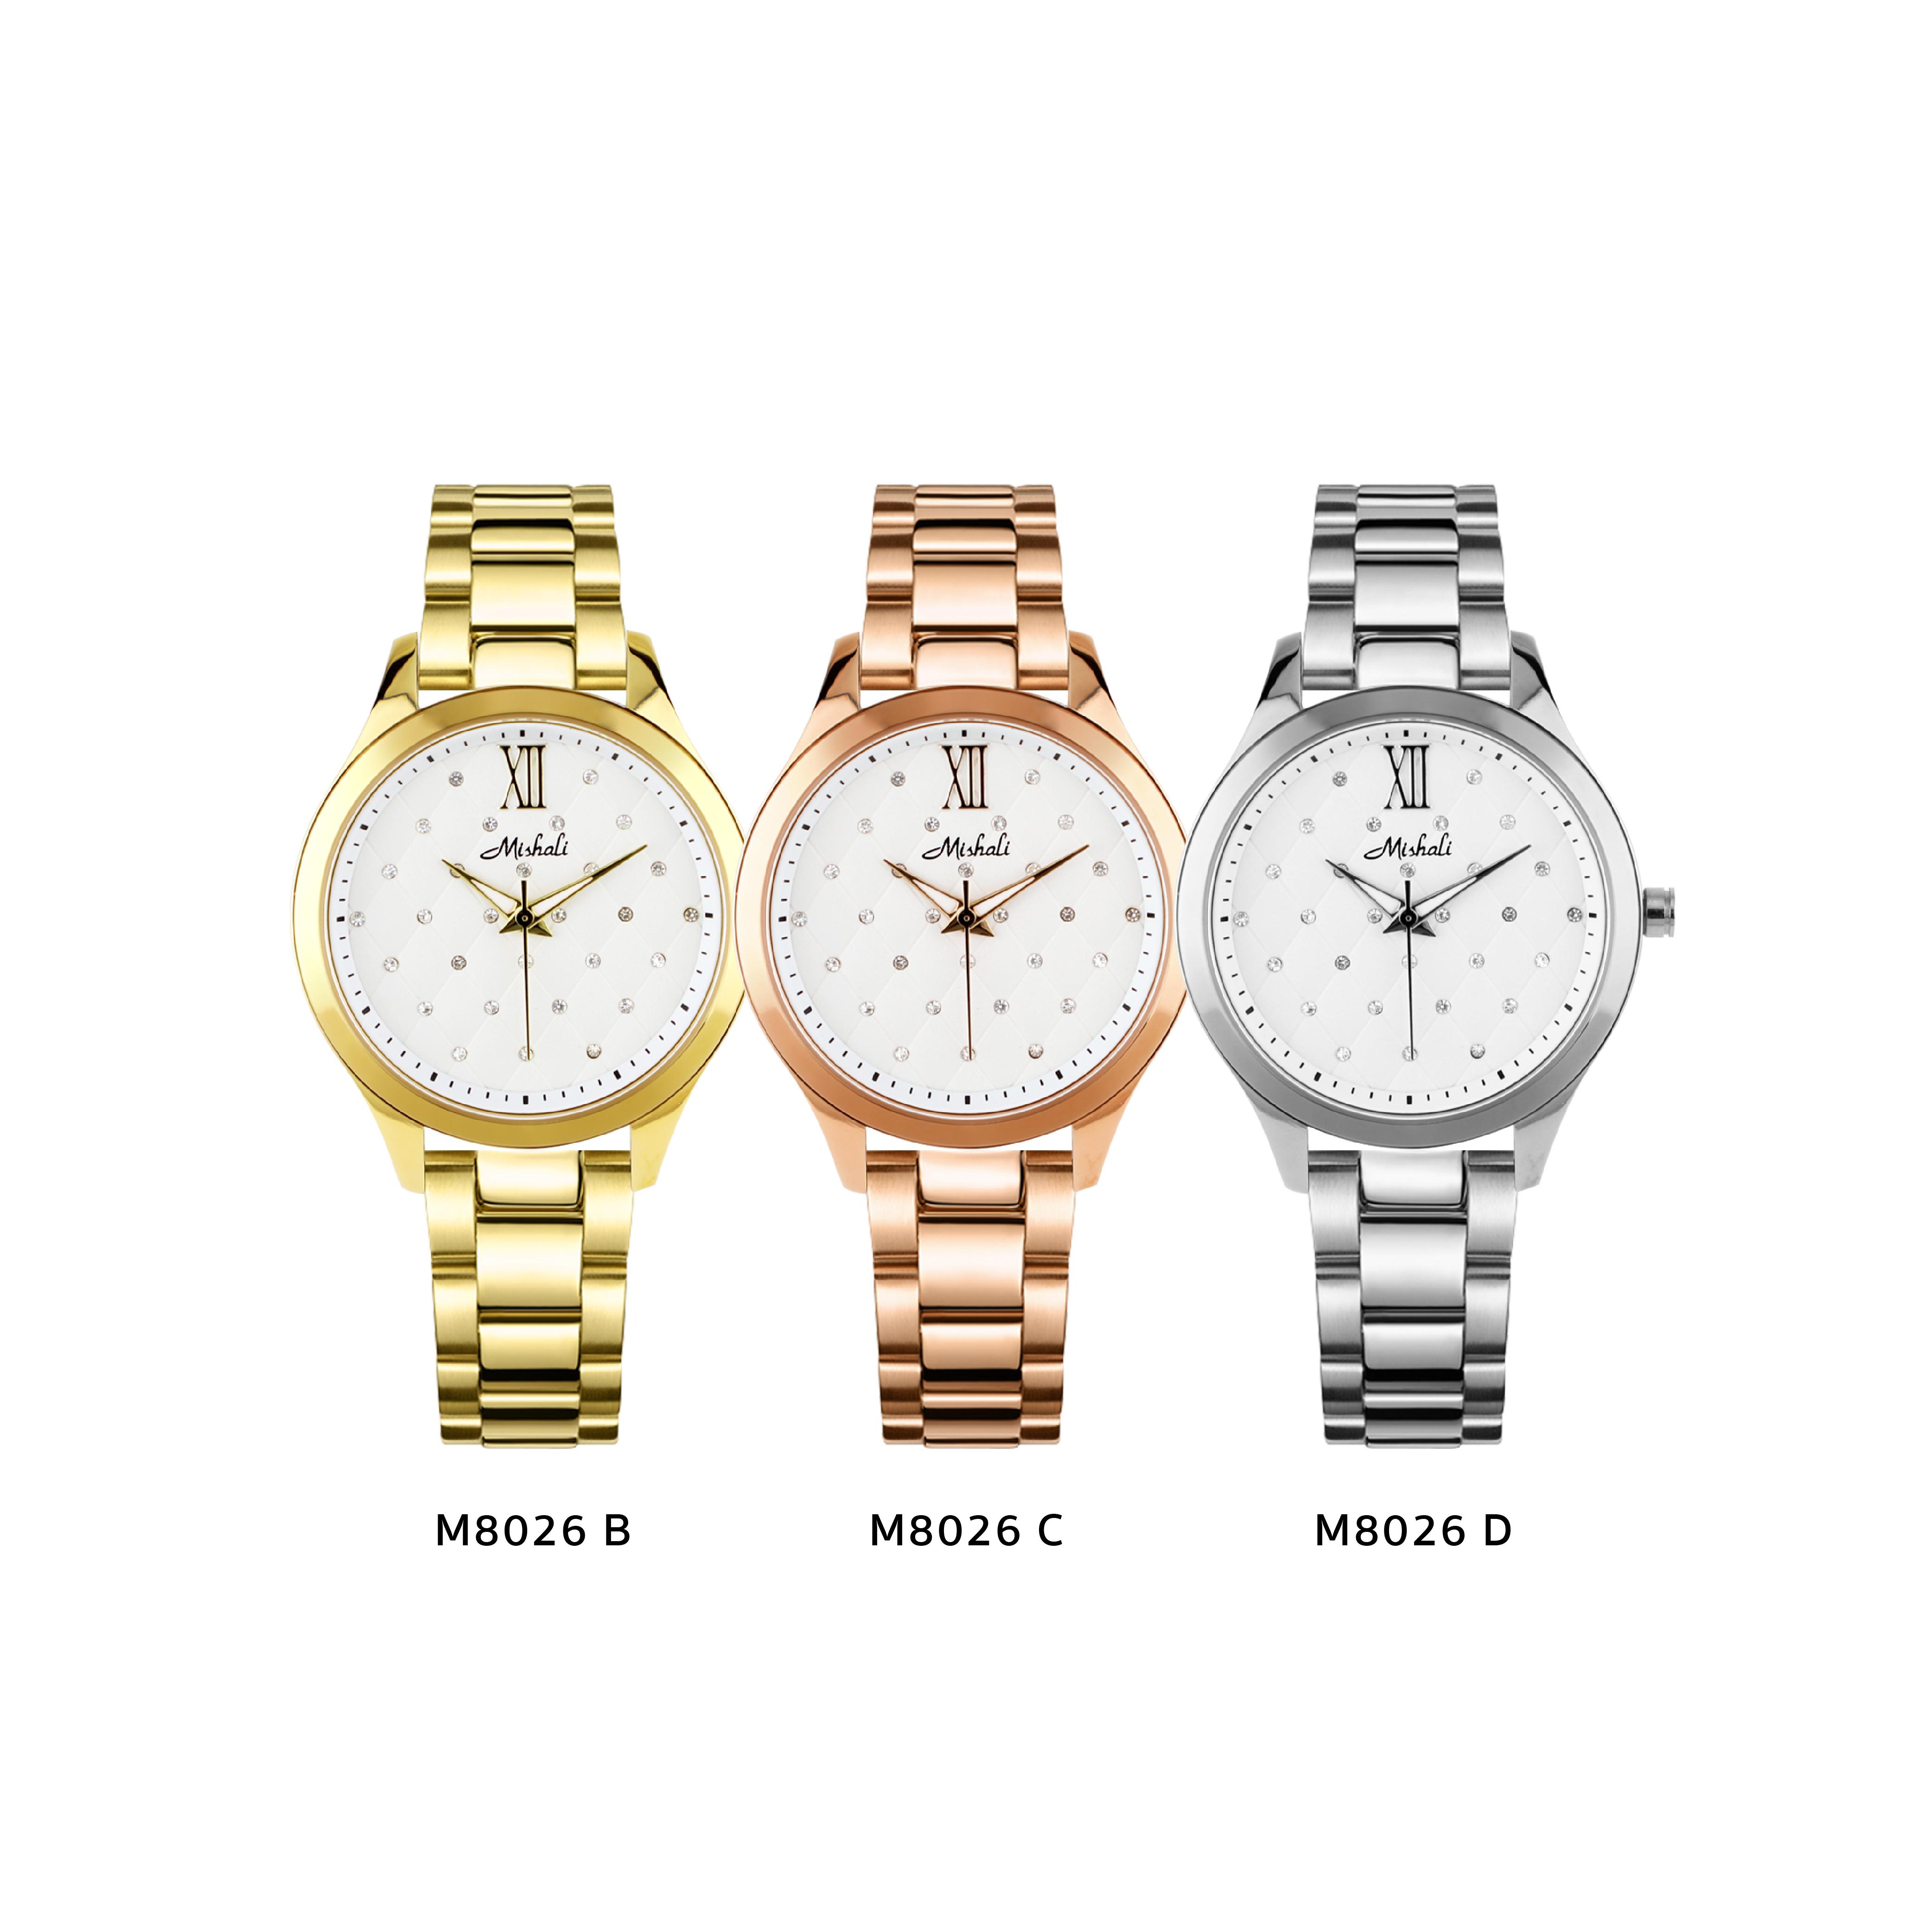 นาฬิกาข้อมือผู้หญิง MISHALI M8026A